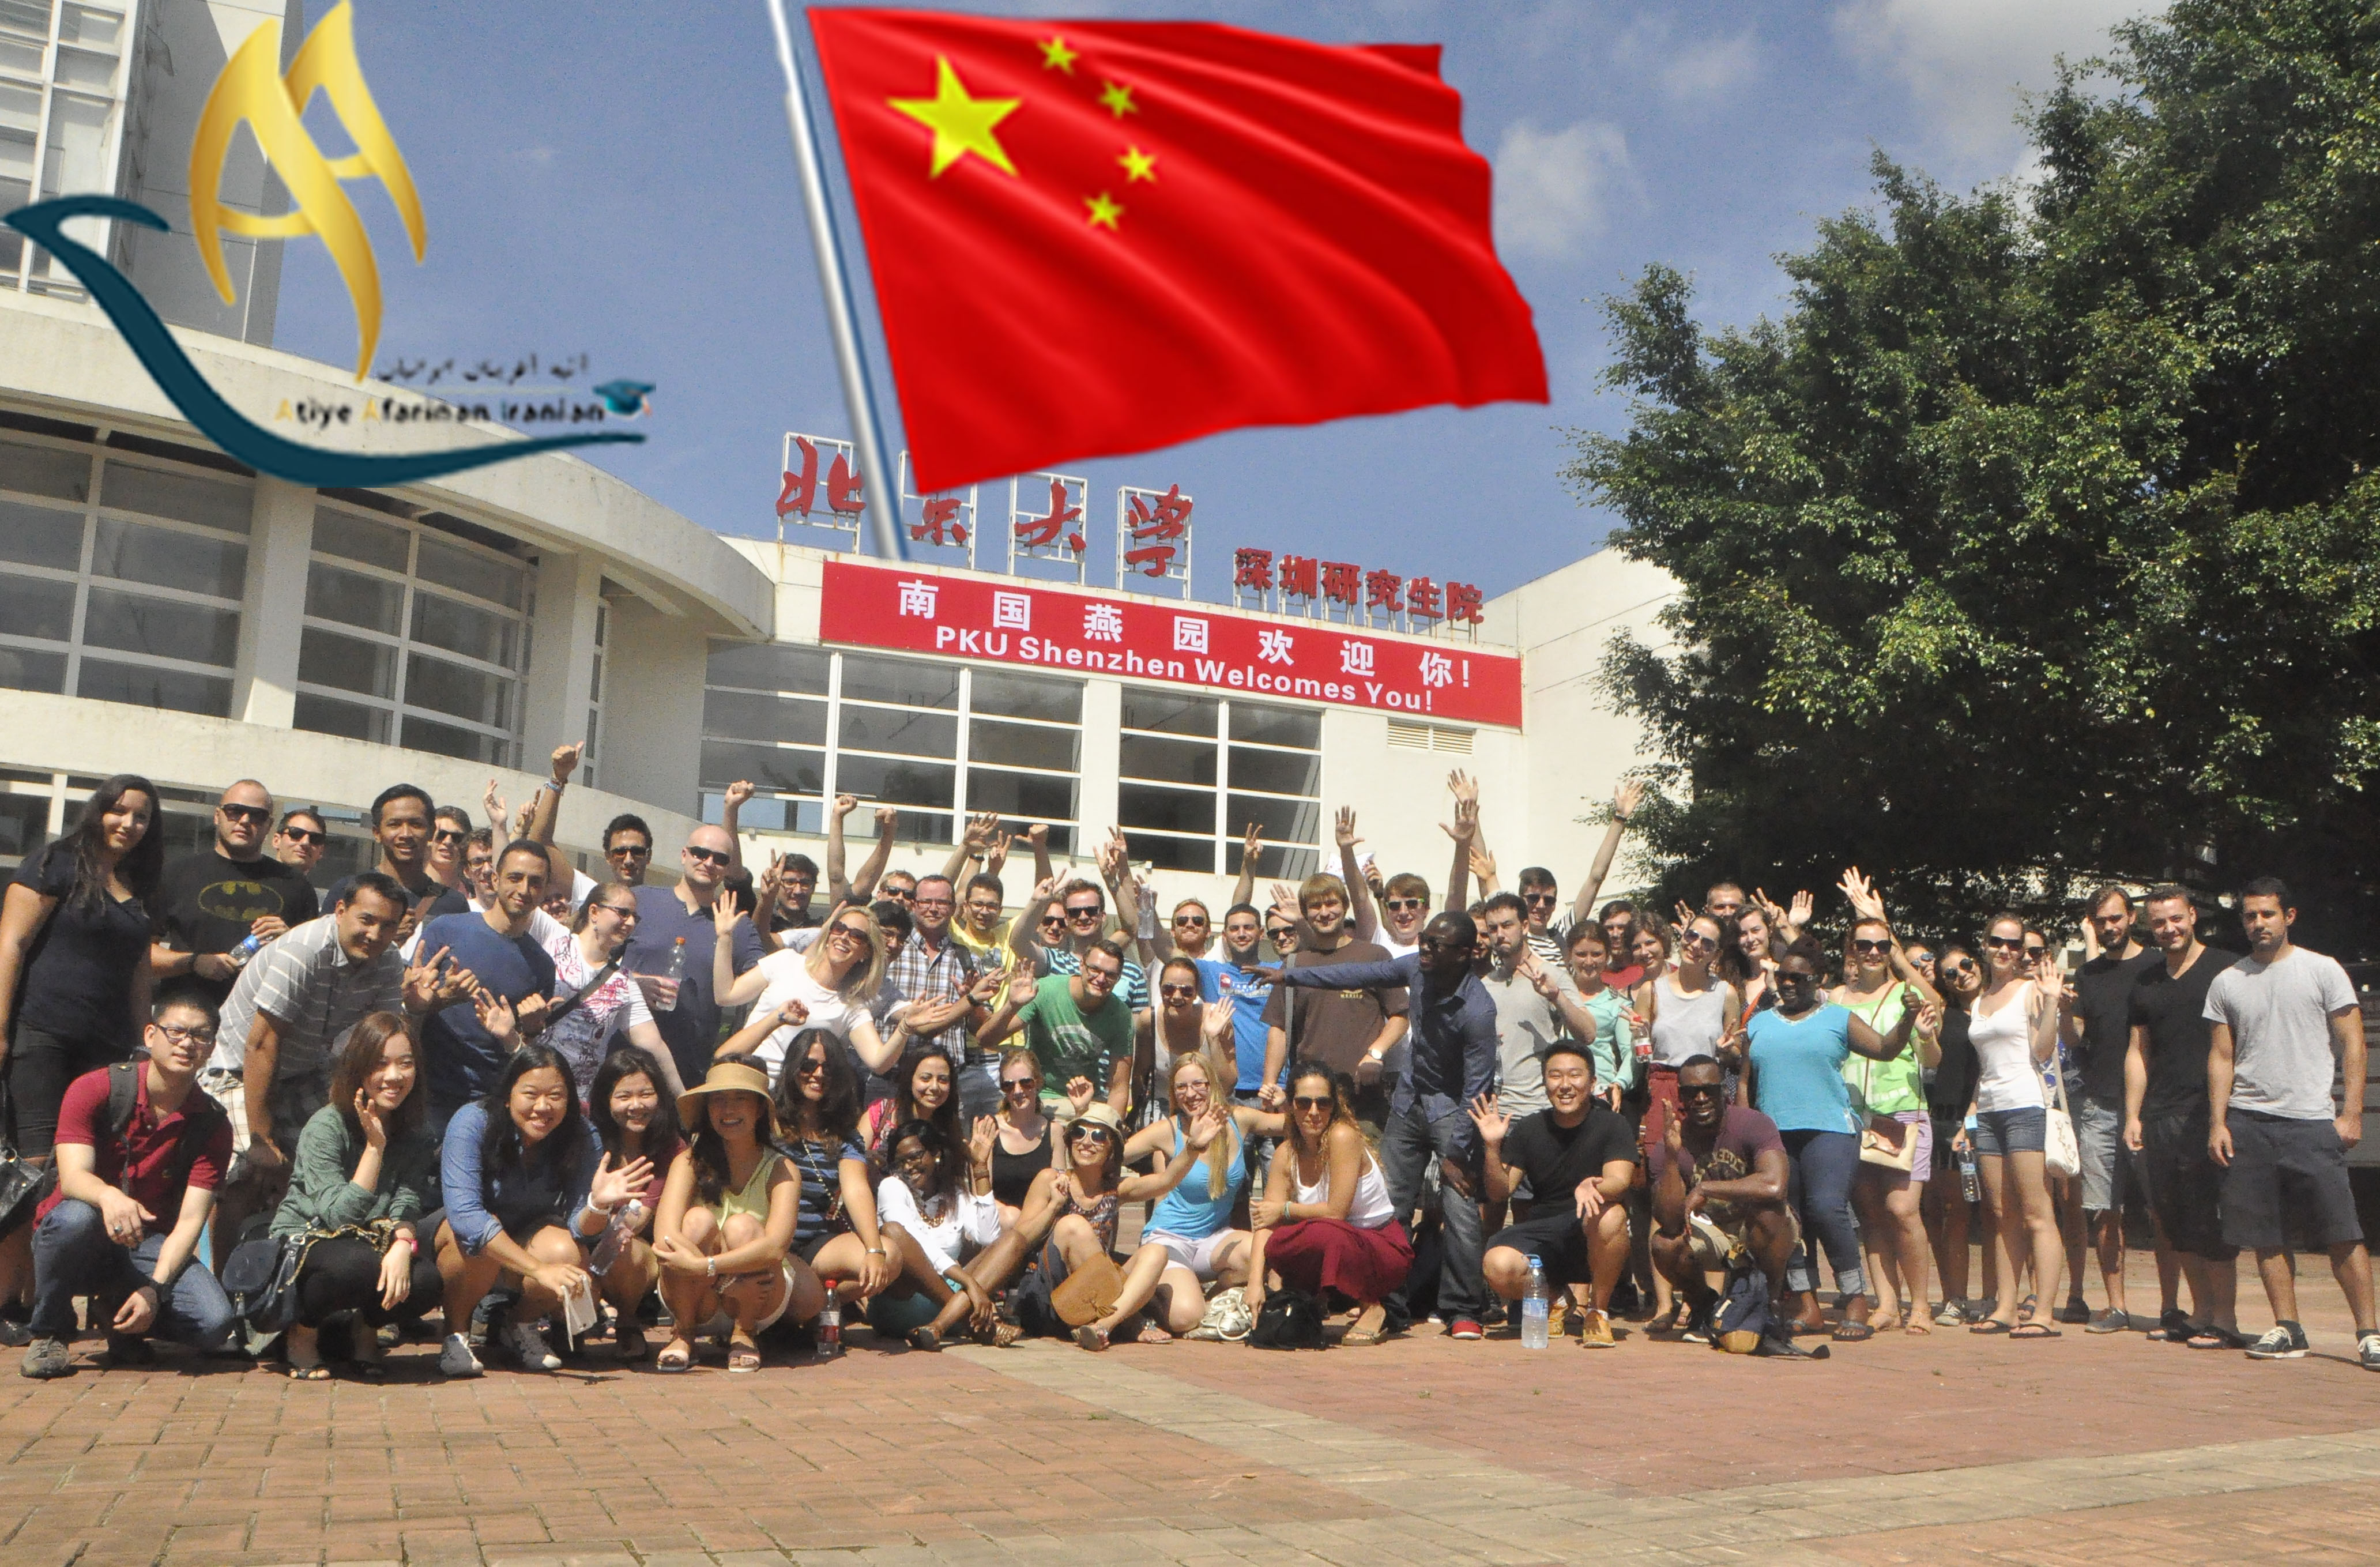 دانشگاه پکینگ چین